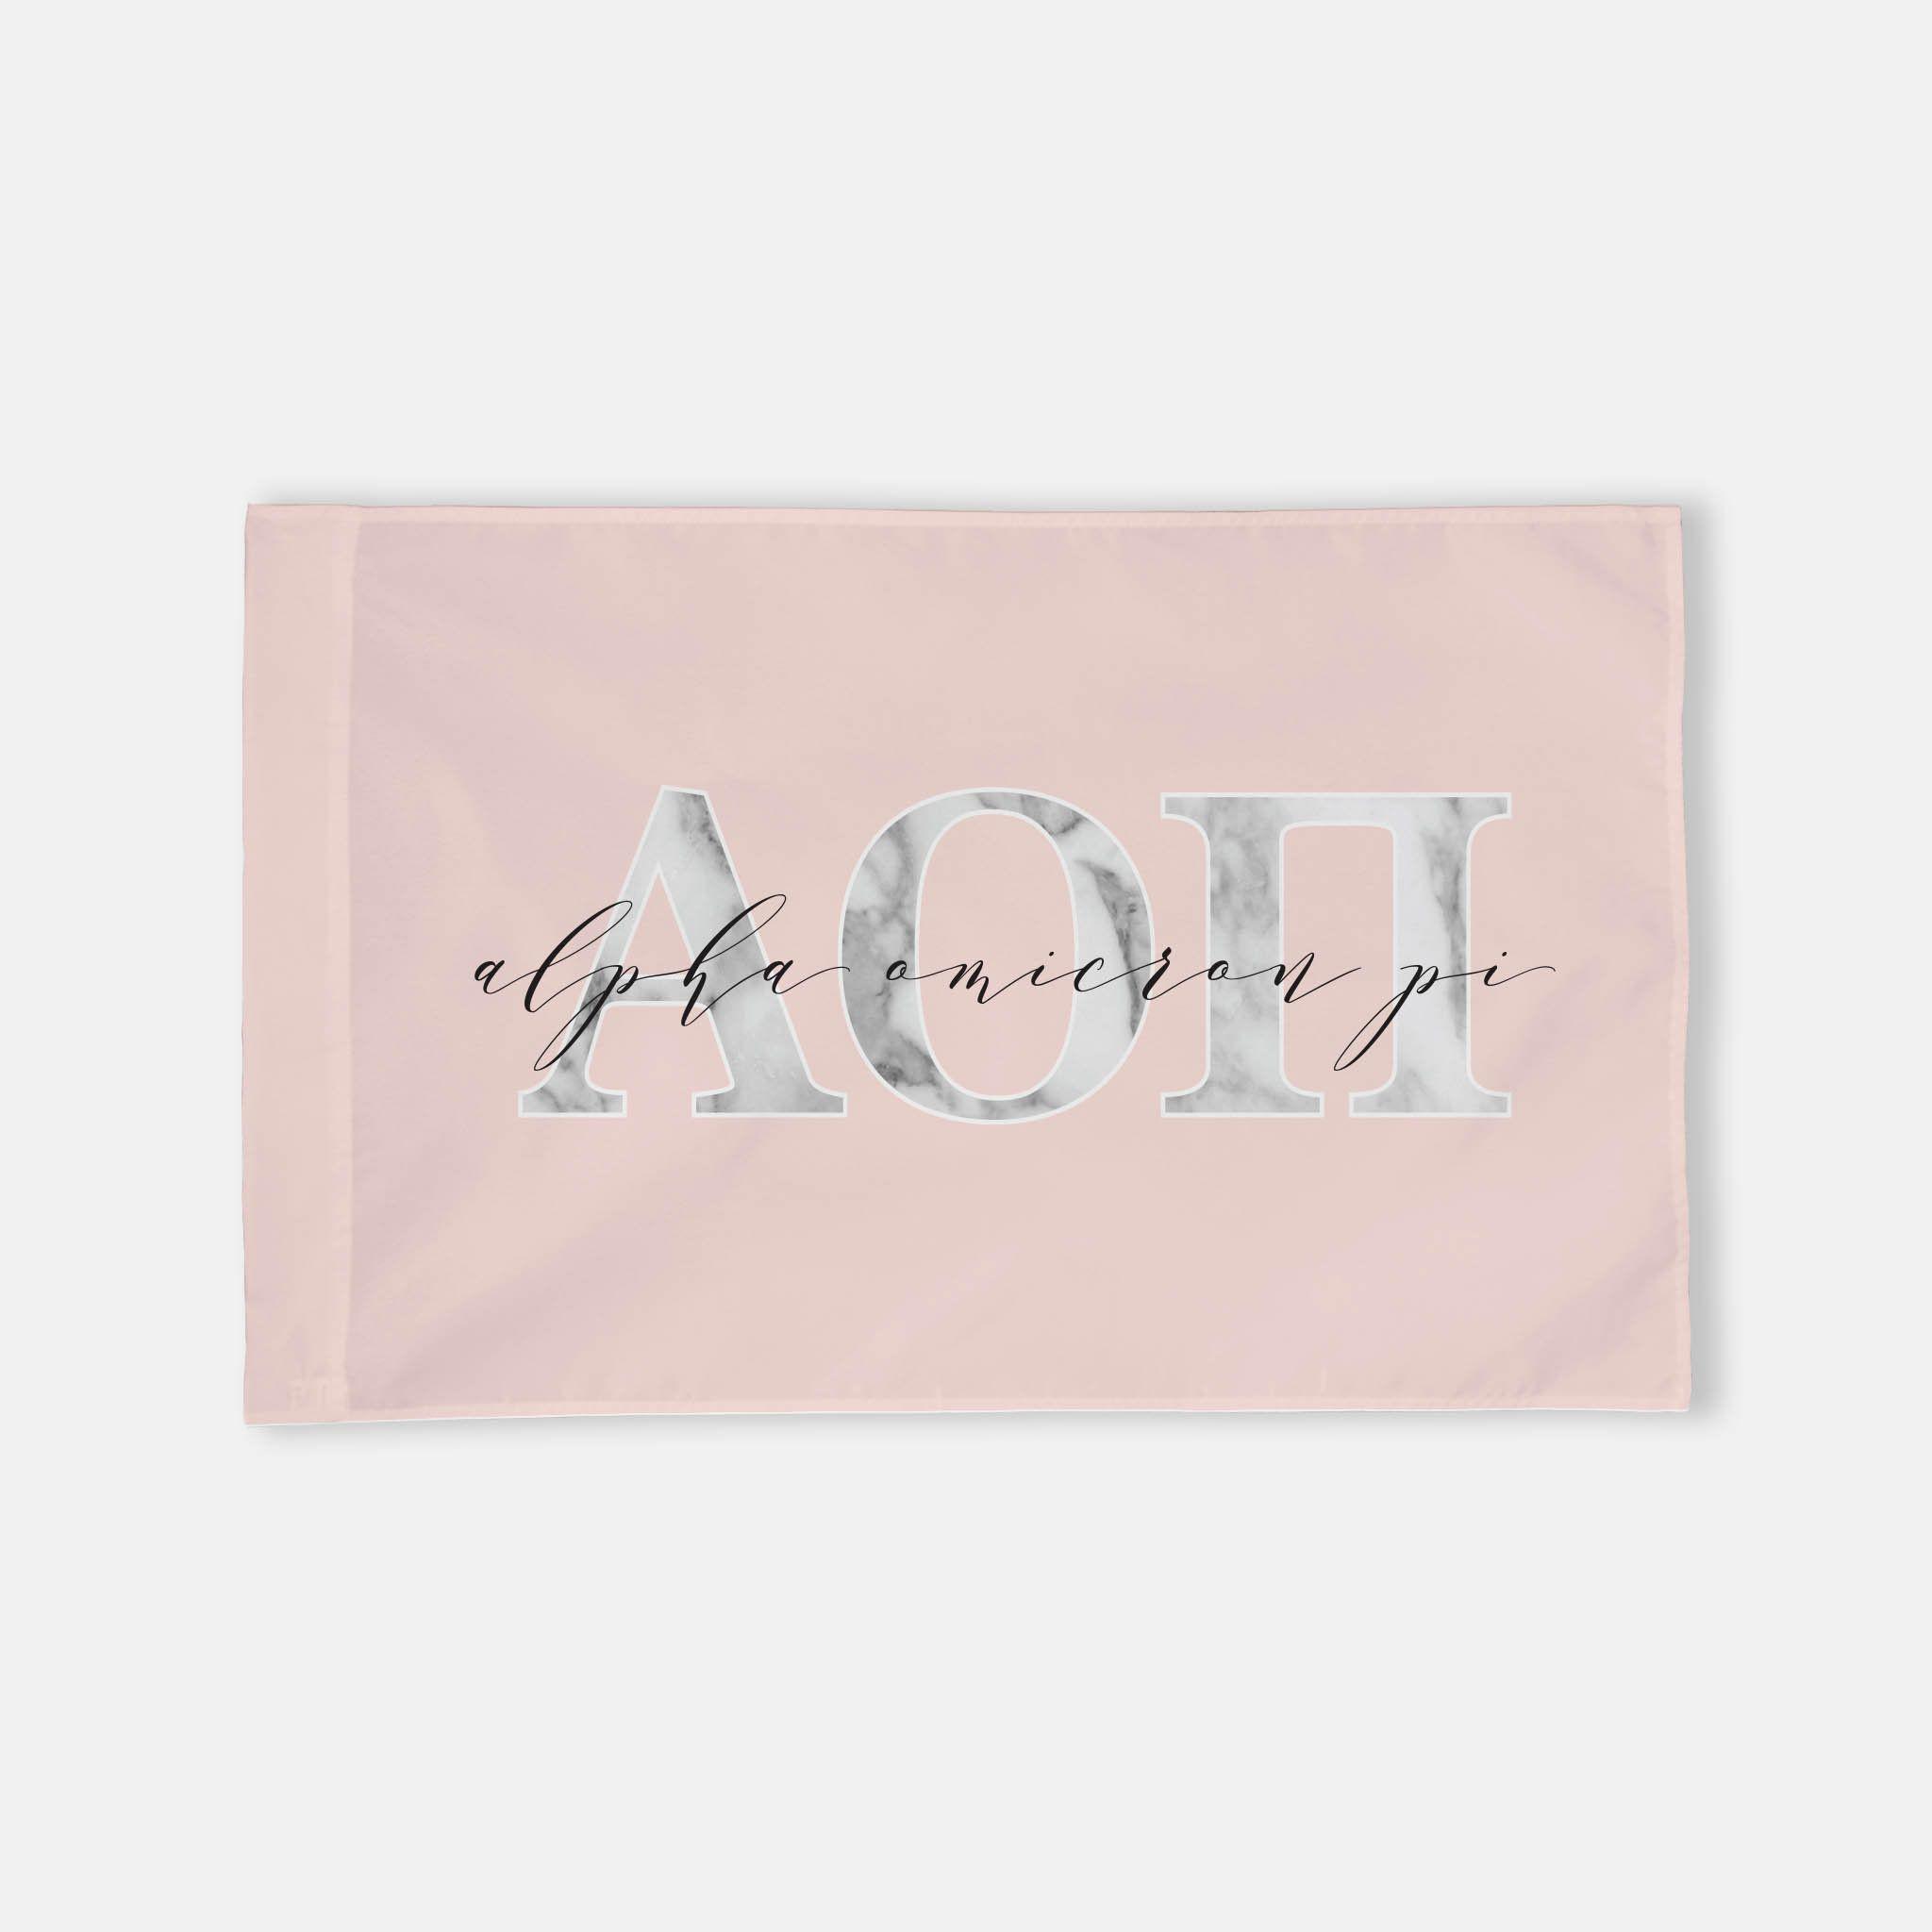 Alpha Omicron Pi Horizontal Greek Letter Flag Blush Marble Etsy In 2020 Alpha Omicron Pi Greek Letters Design Greek Letters